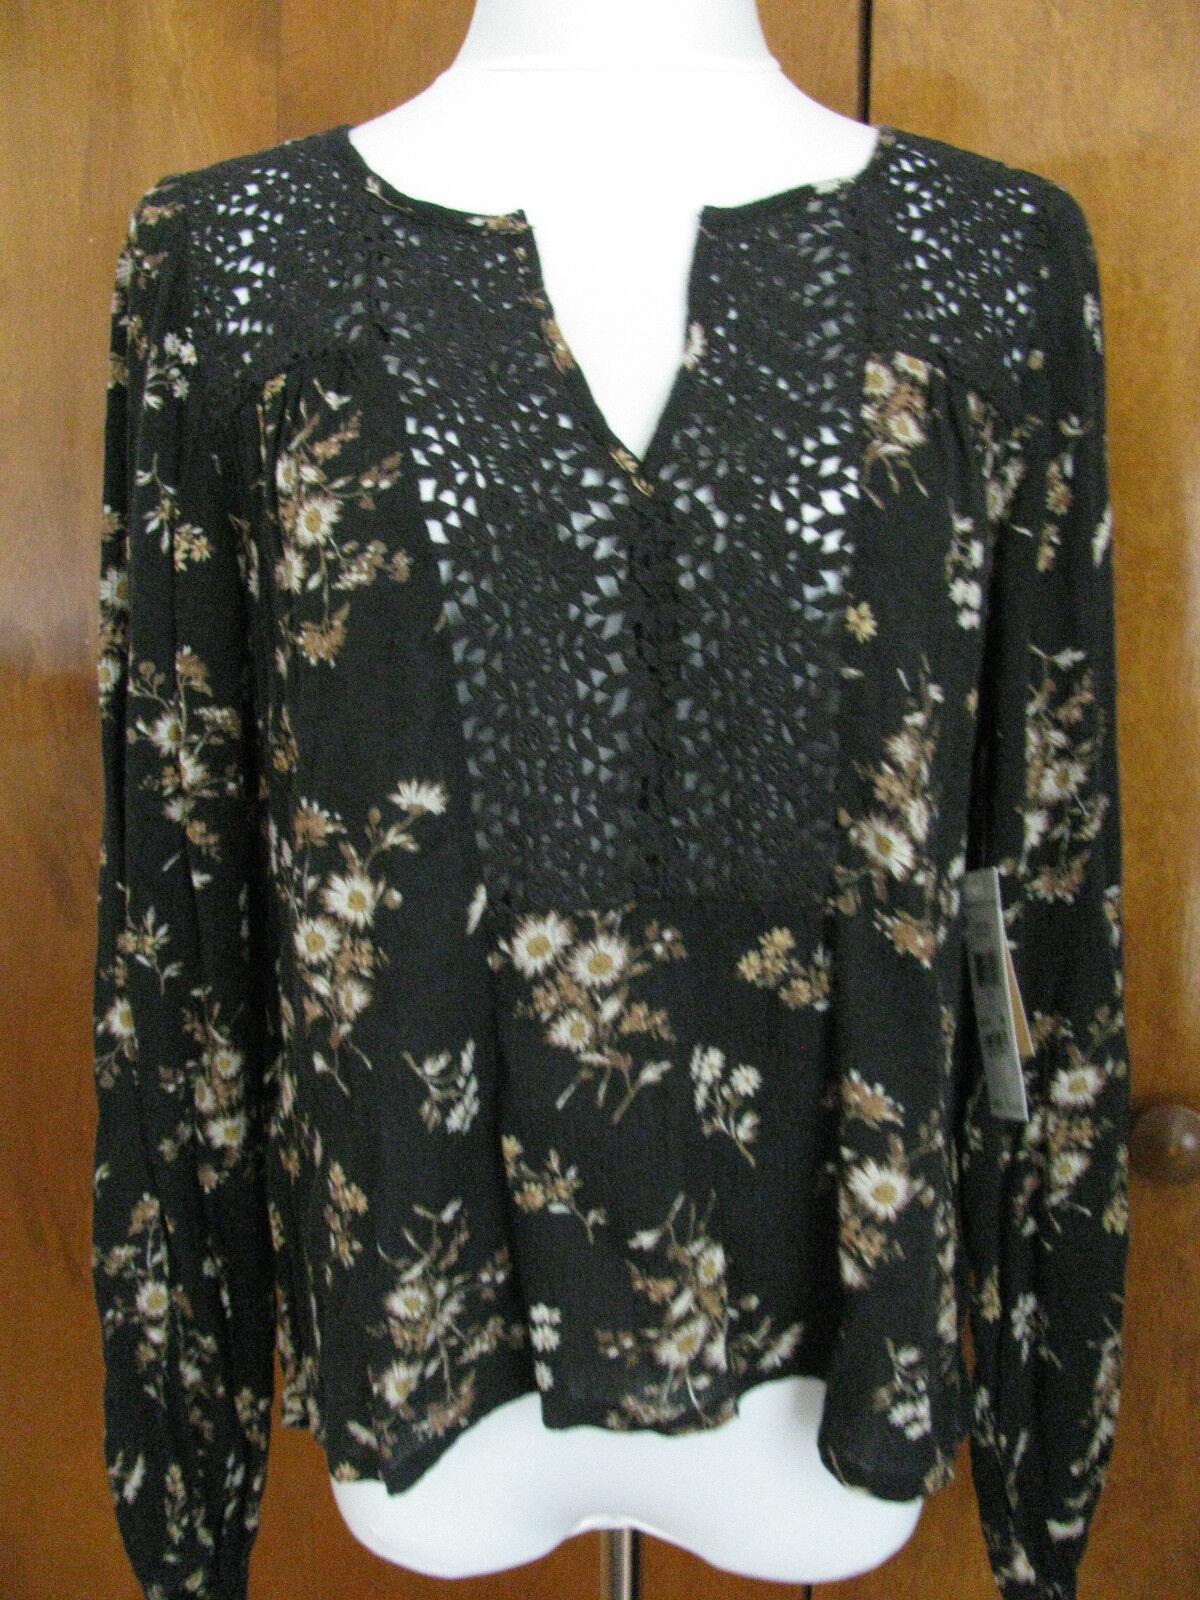 Ralph Lauren Denim & Supply damen fabric crafted schwarz top S M L NWT